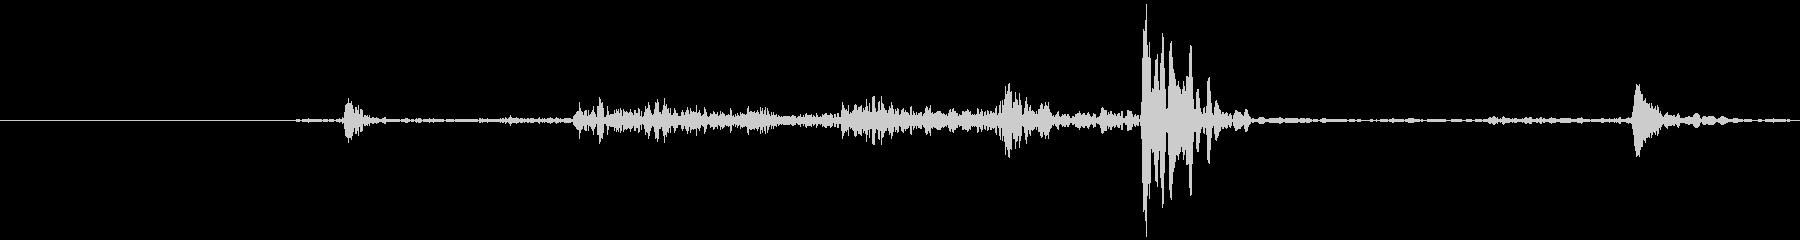 GmキャデラックCts:Int:カ...の未再生の波形